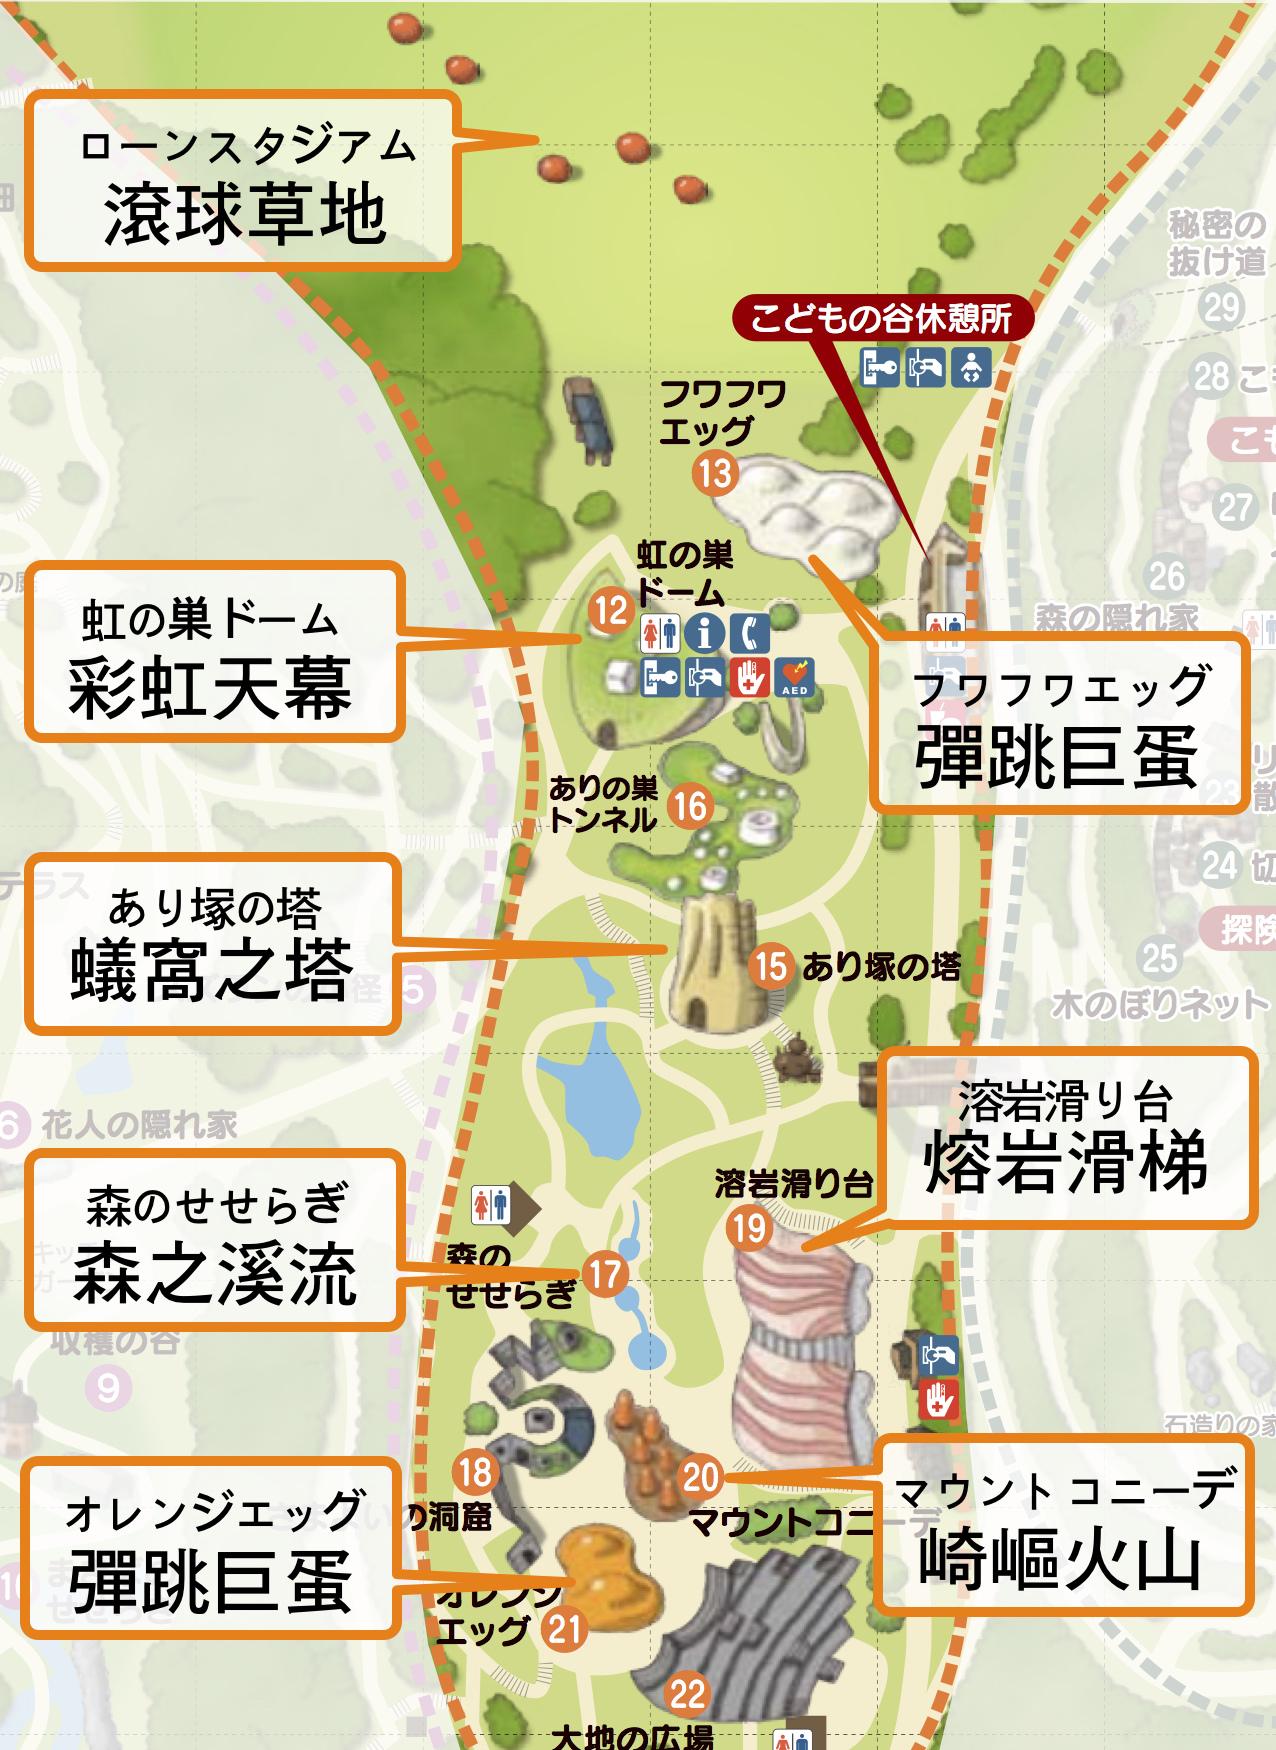 滝野すずらん公園-map-05